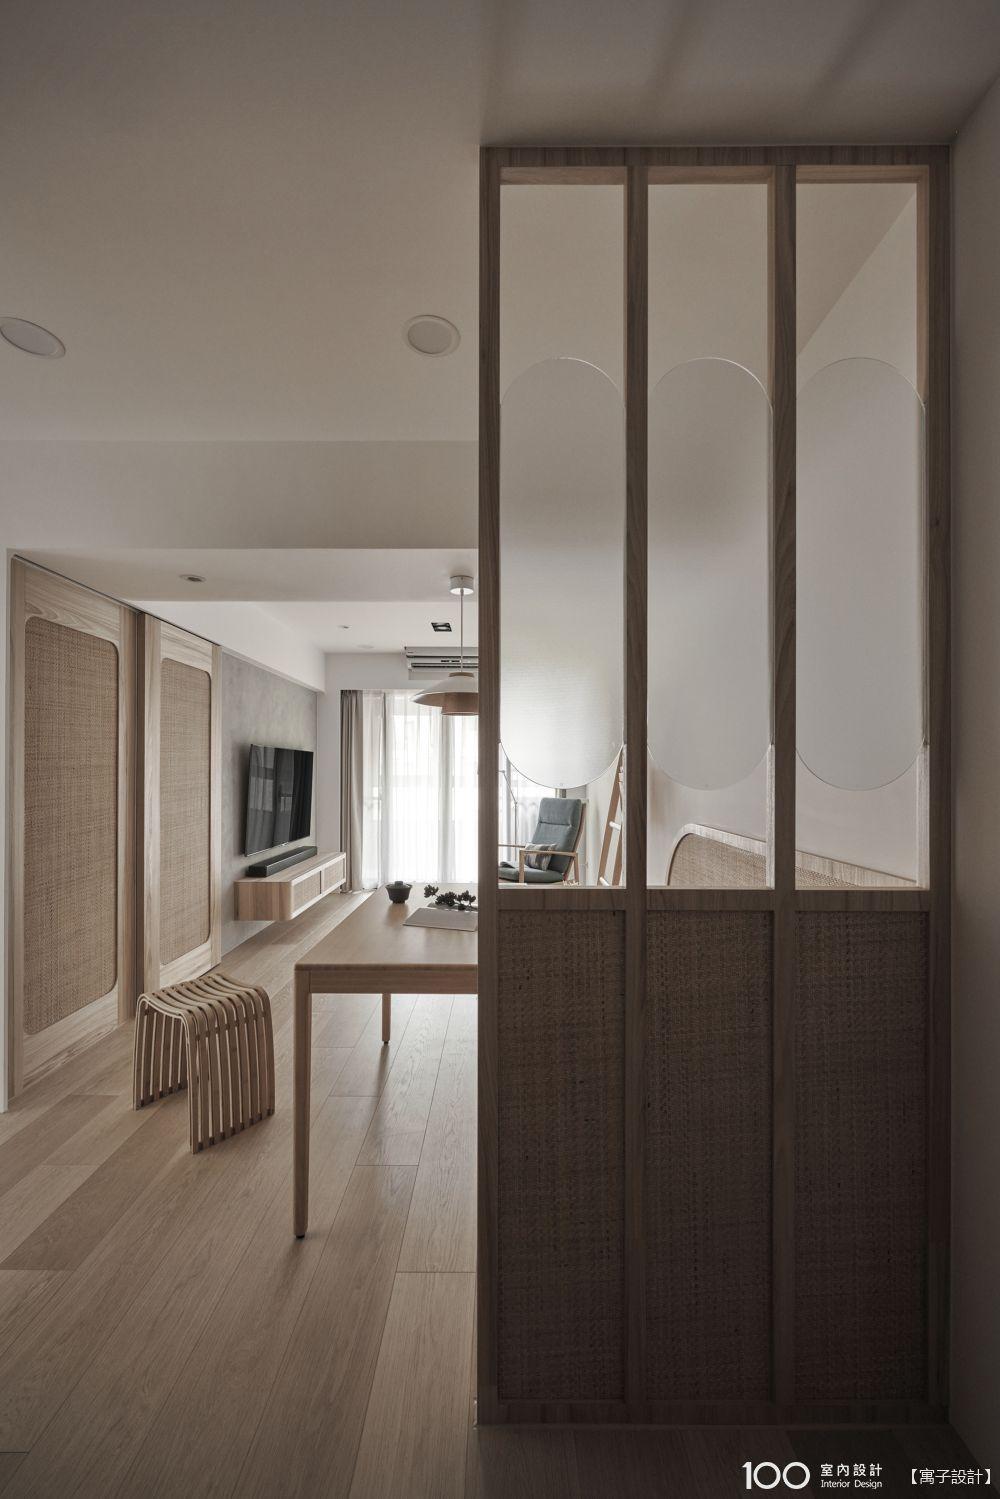 Thiết kế nội thất Chung Cư tại Hồ Chí Minh Chung cư chị V 1629631389 3